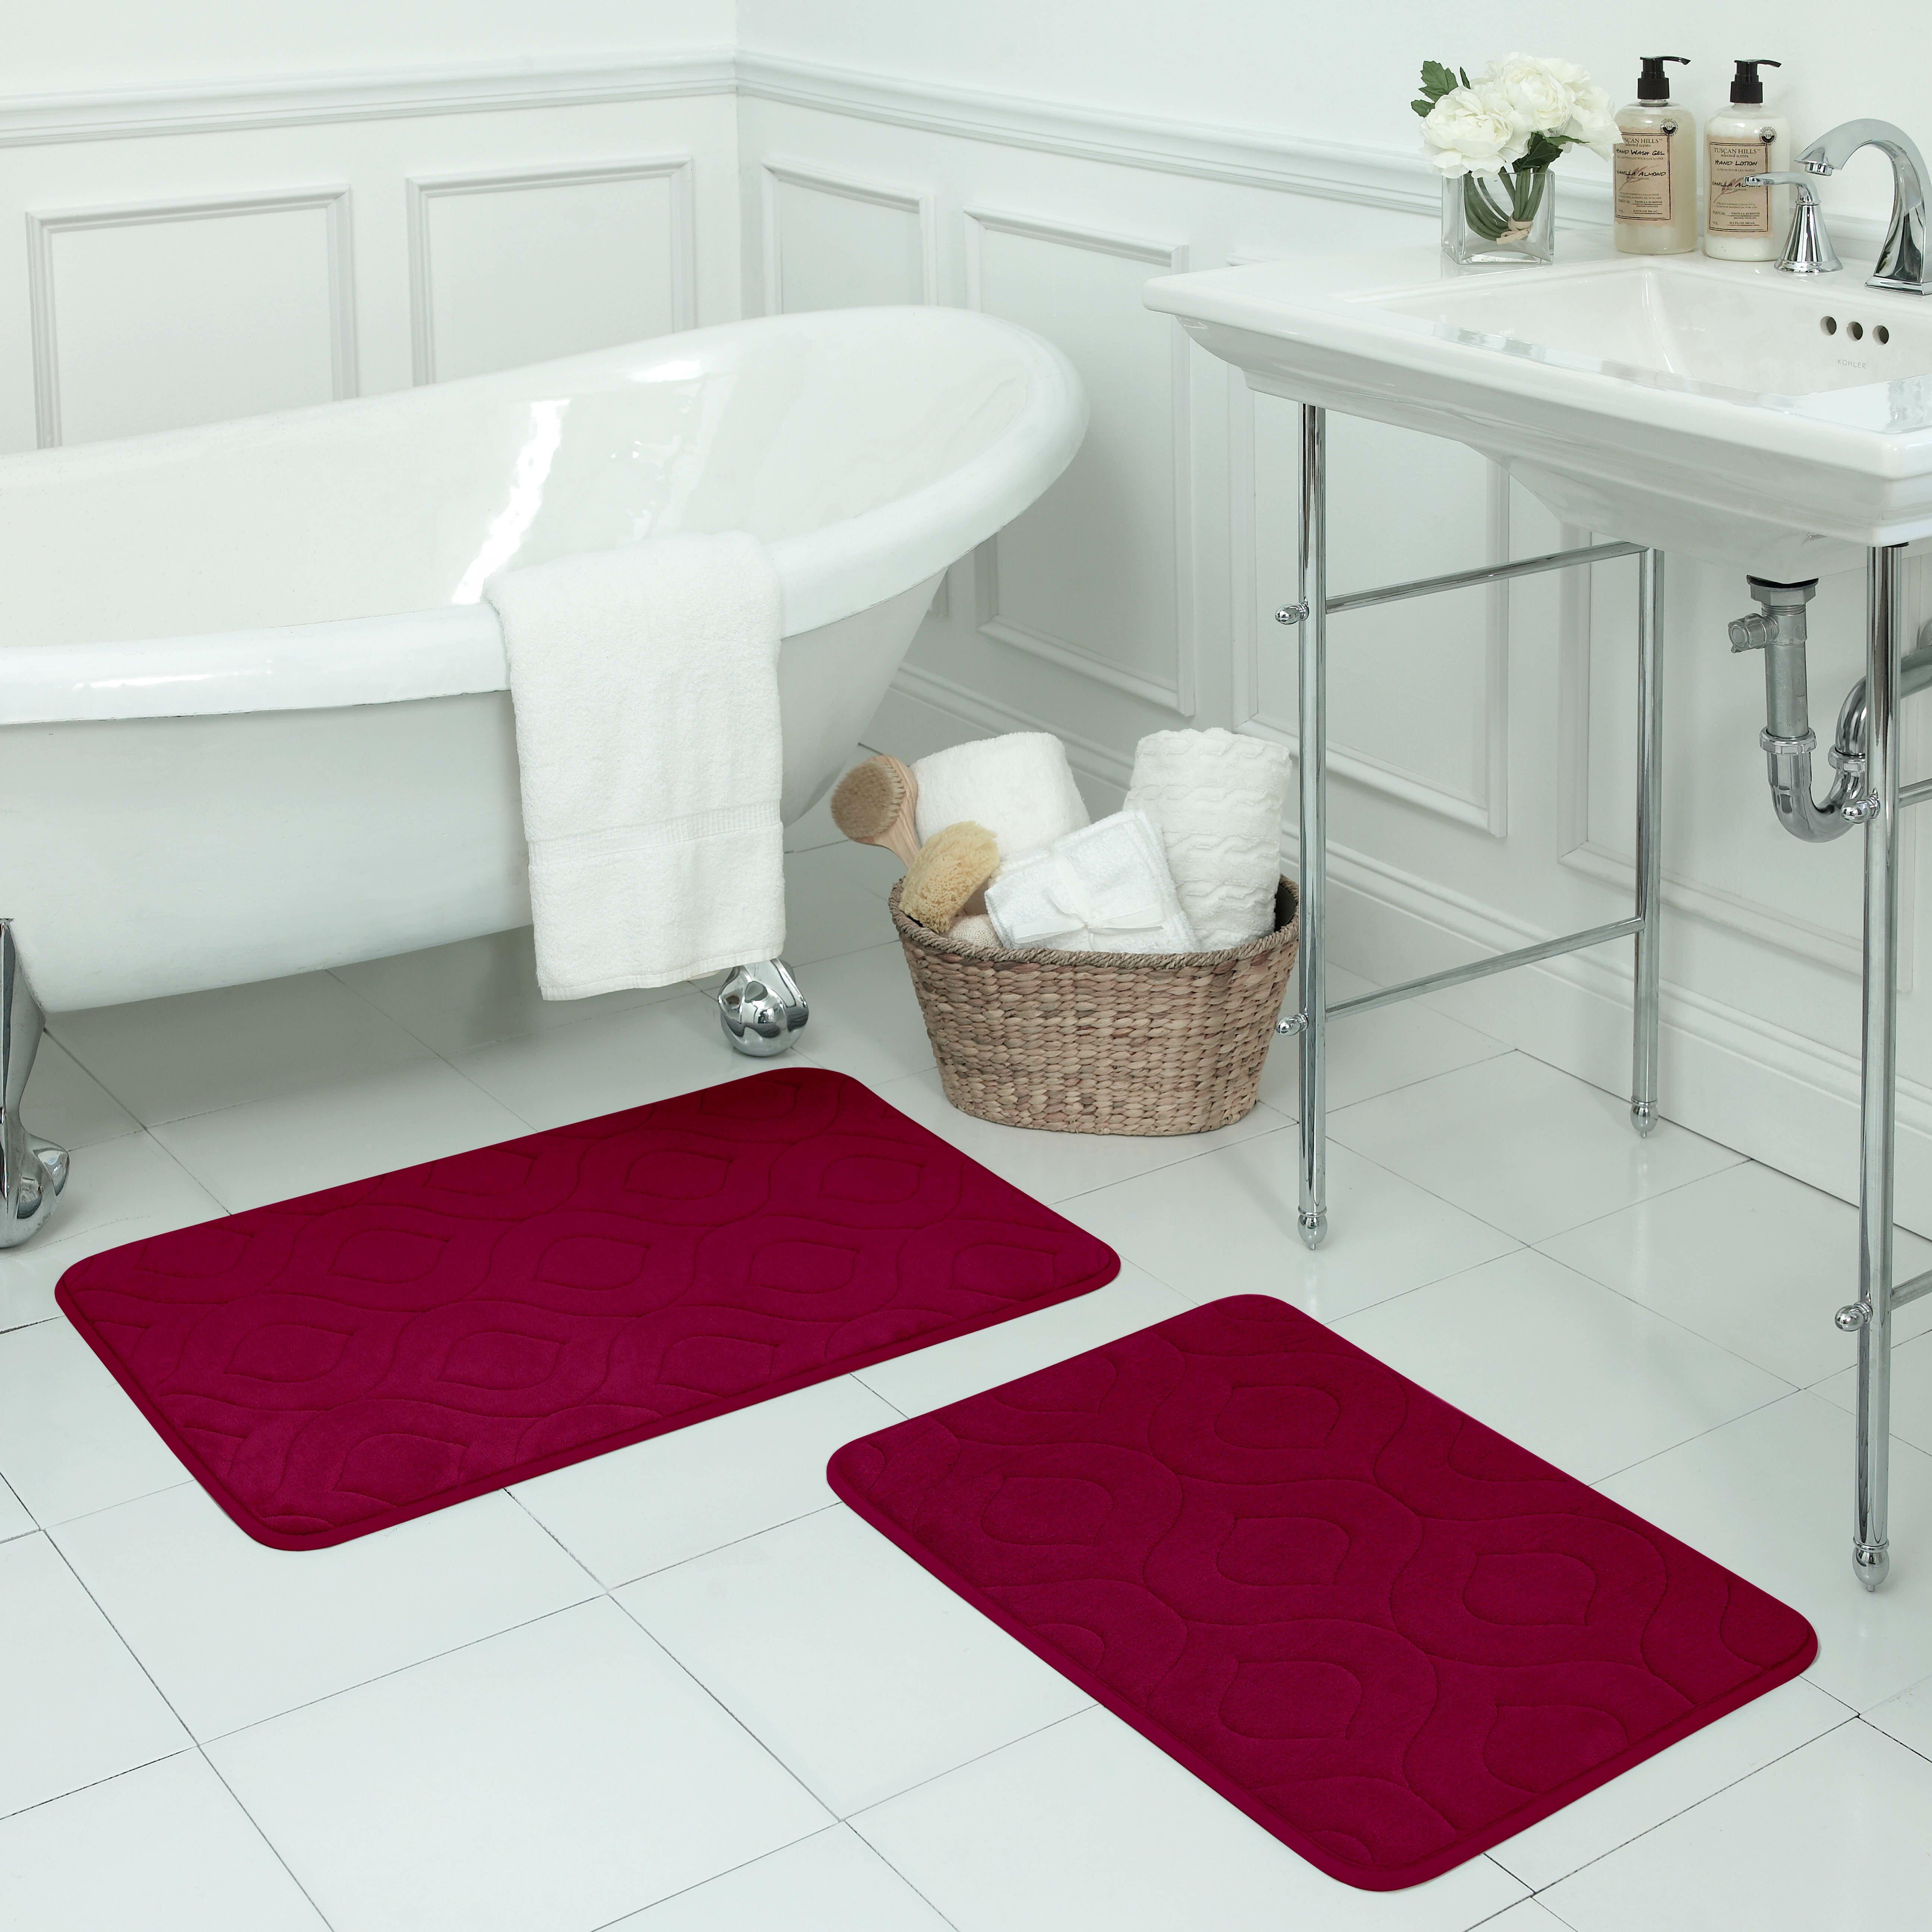 Shower Soaker Tub Combo Wordens Net